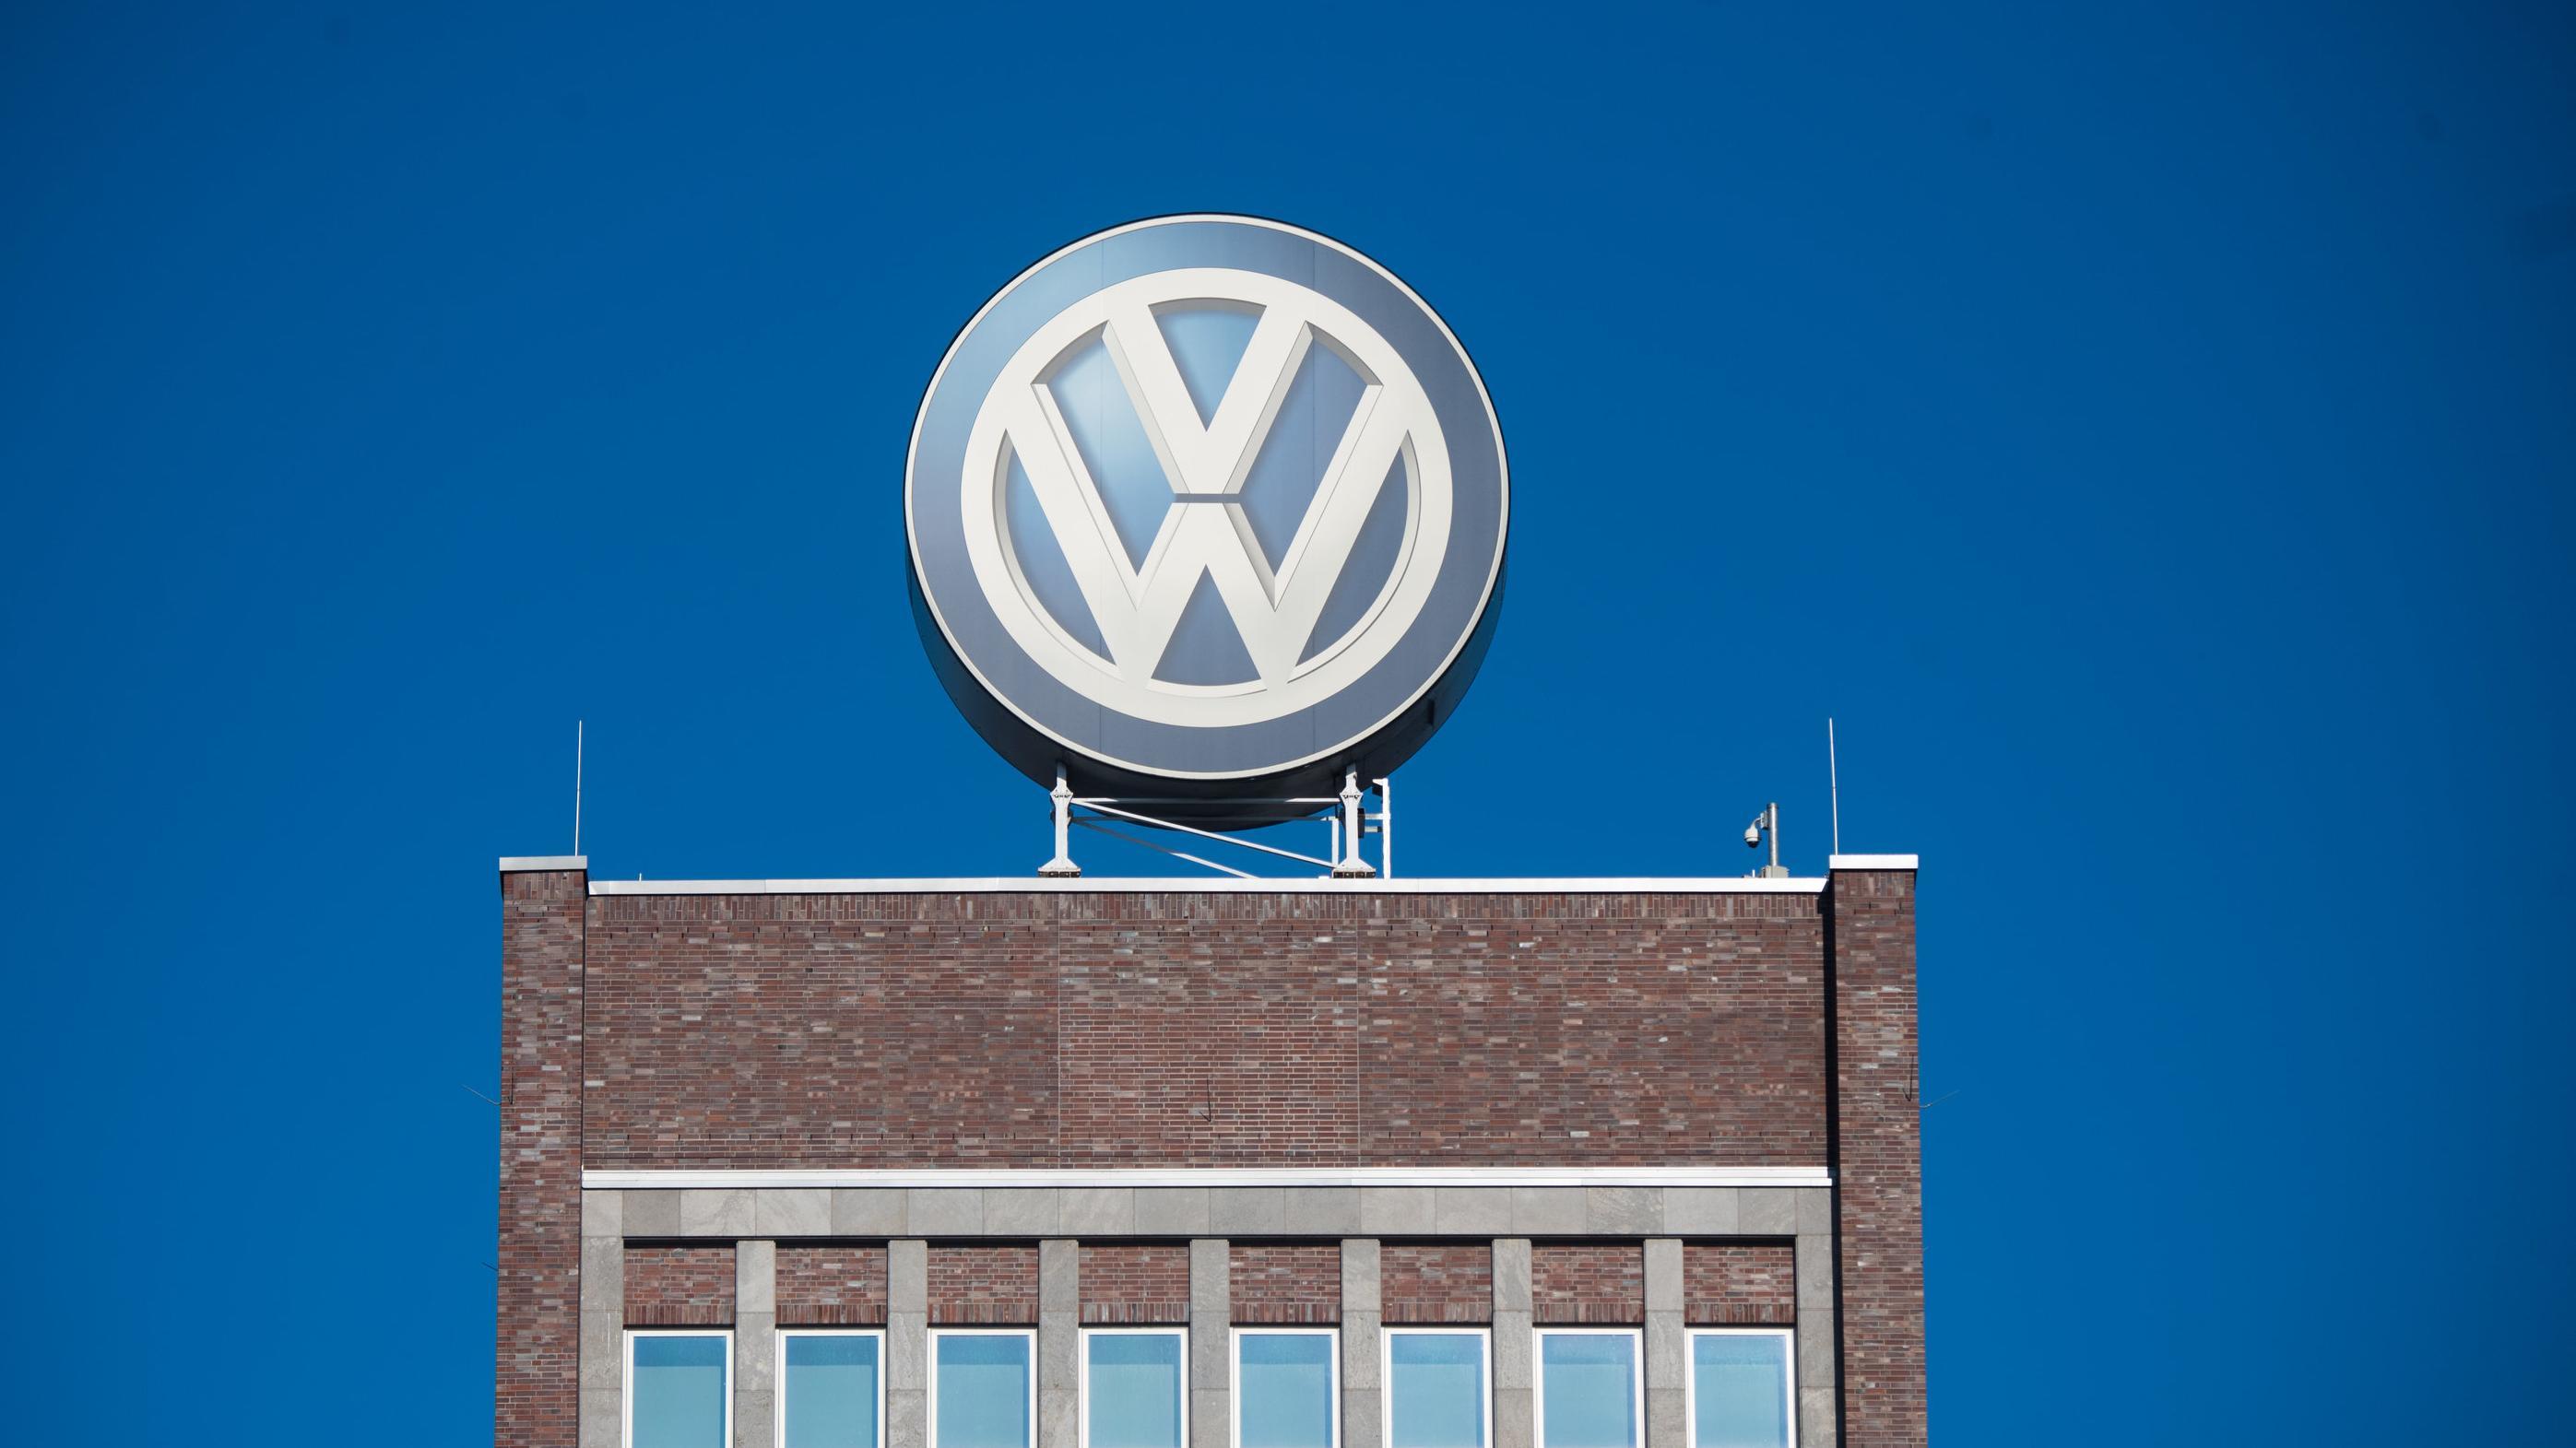 VW-Logo im VW-Werk in Wolfsburg